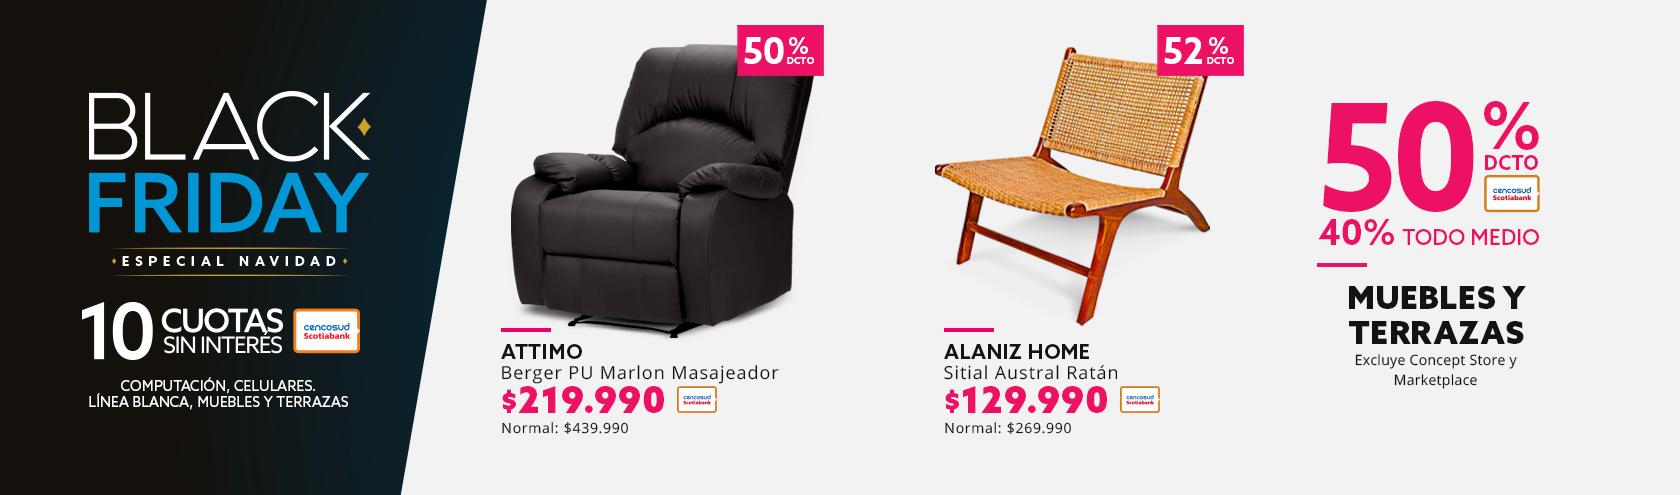 50% descuento con tarjeta cencosud y 40% de descuento todo medio de pago en muebles y terrazas